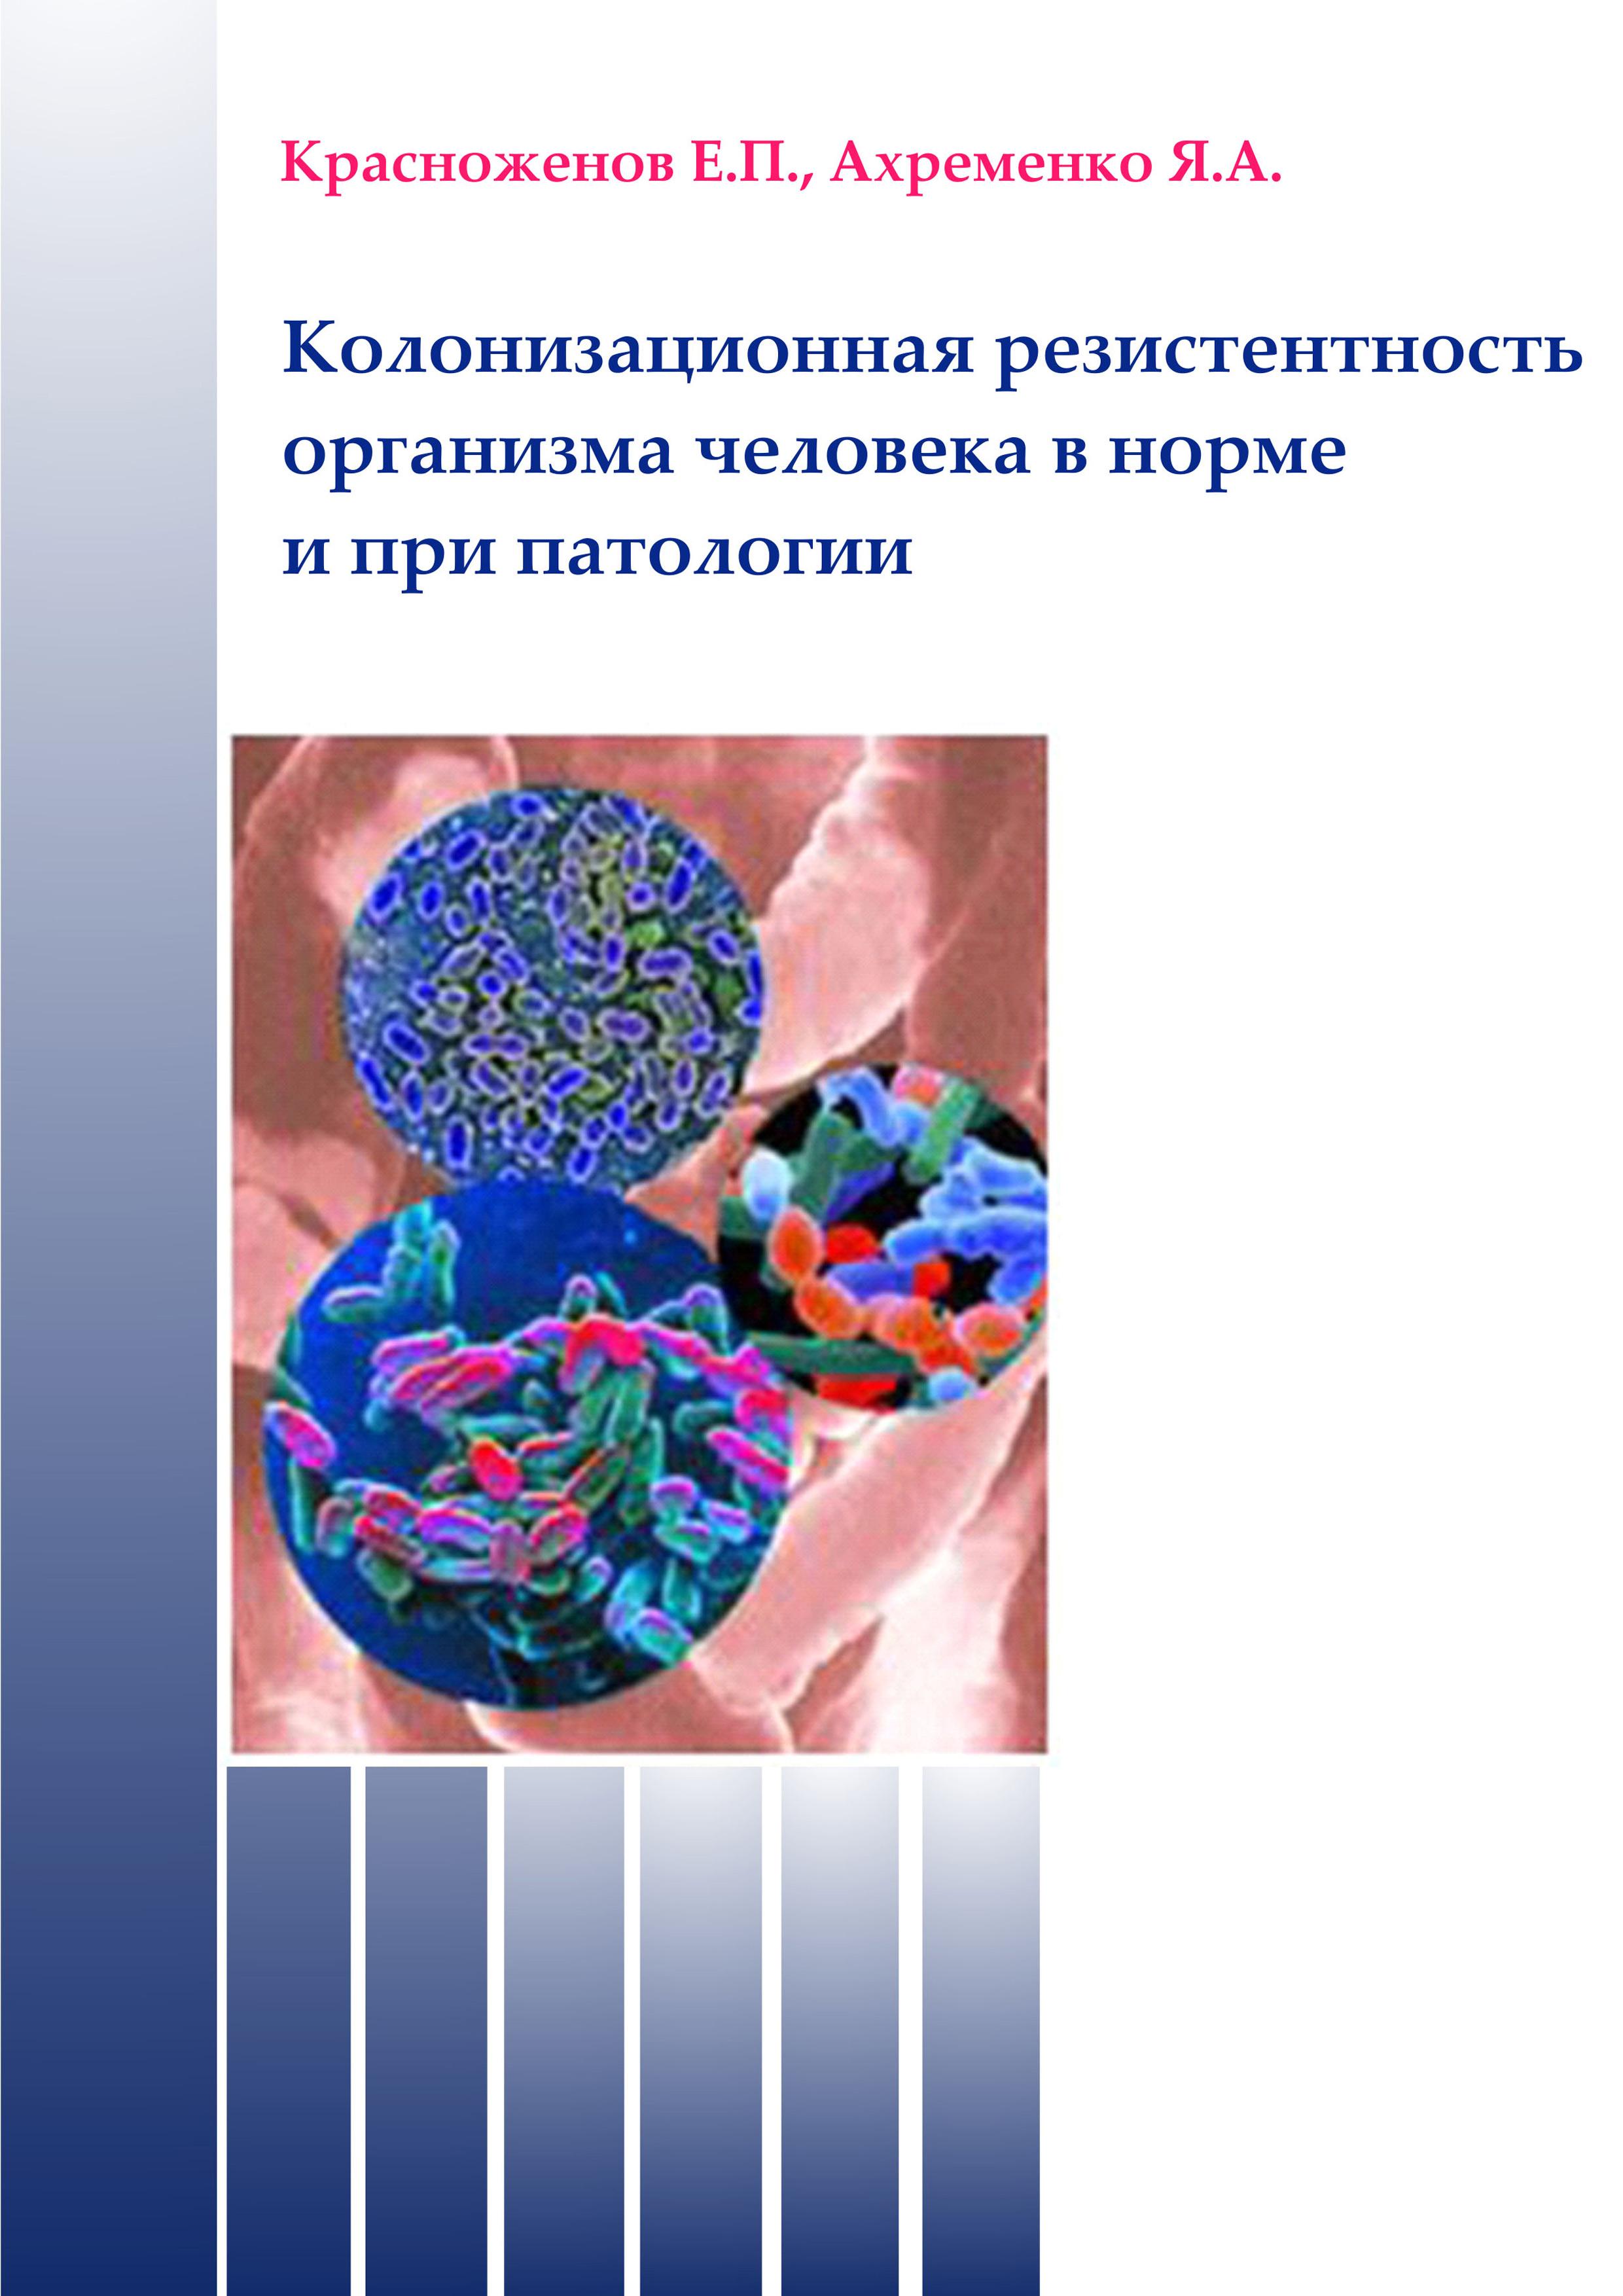 Колонизационная резистентность организма человека в норме и при патологии